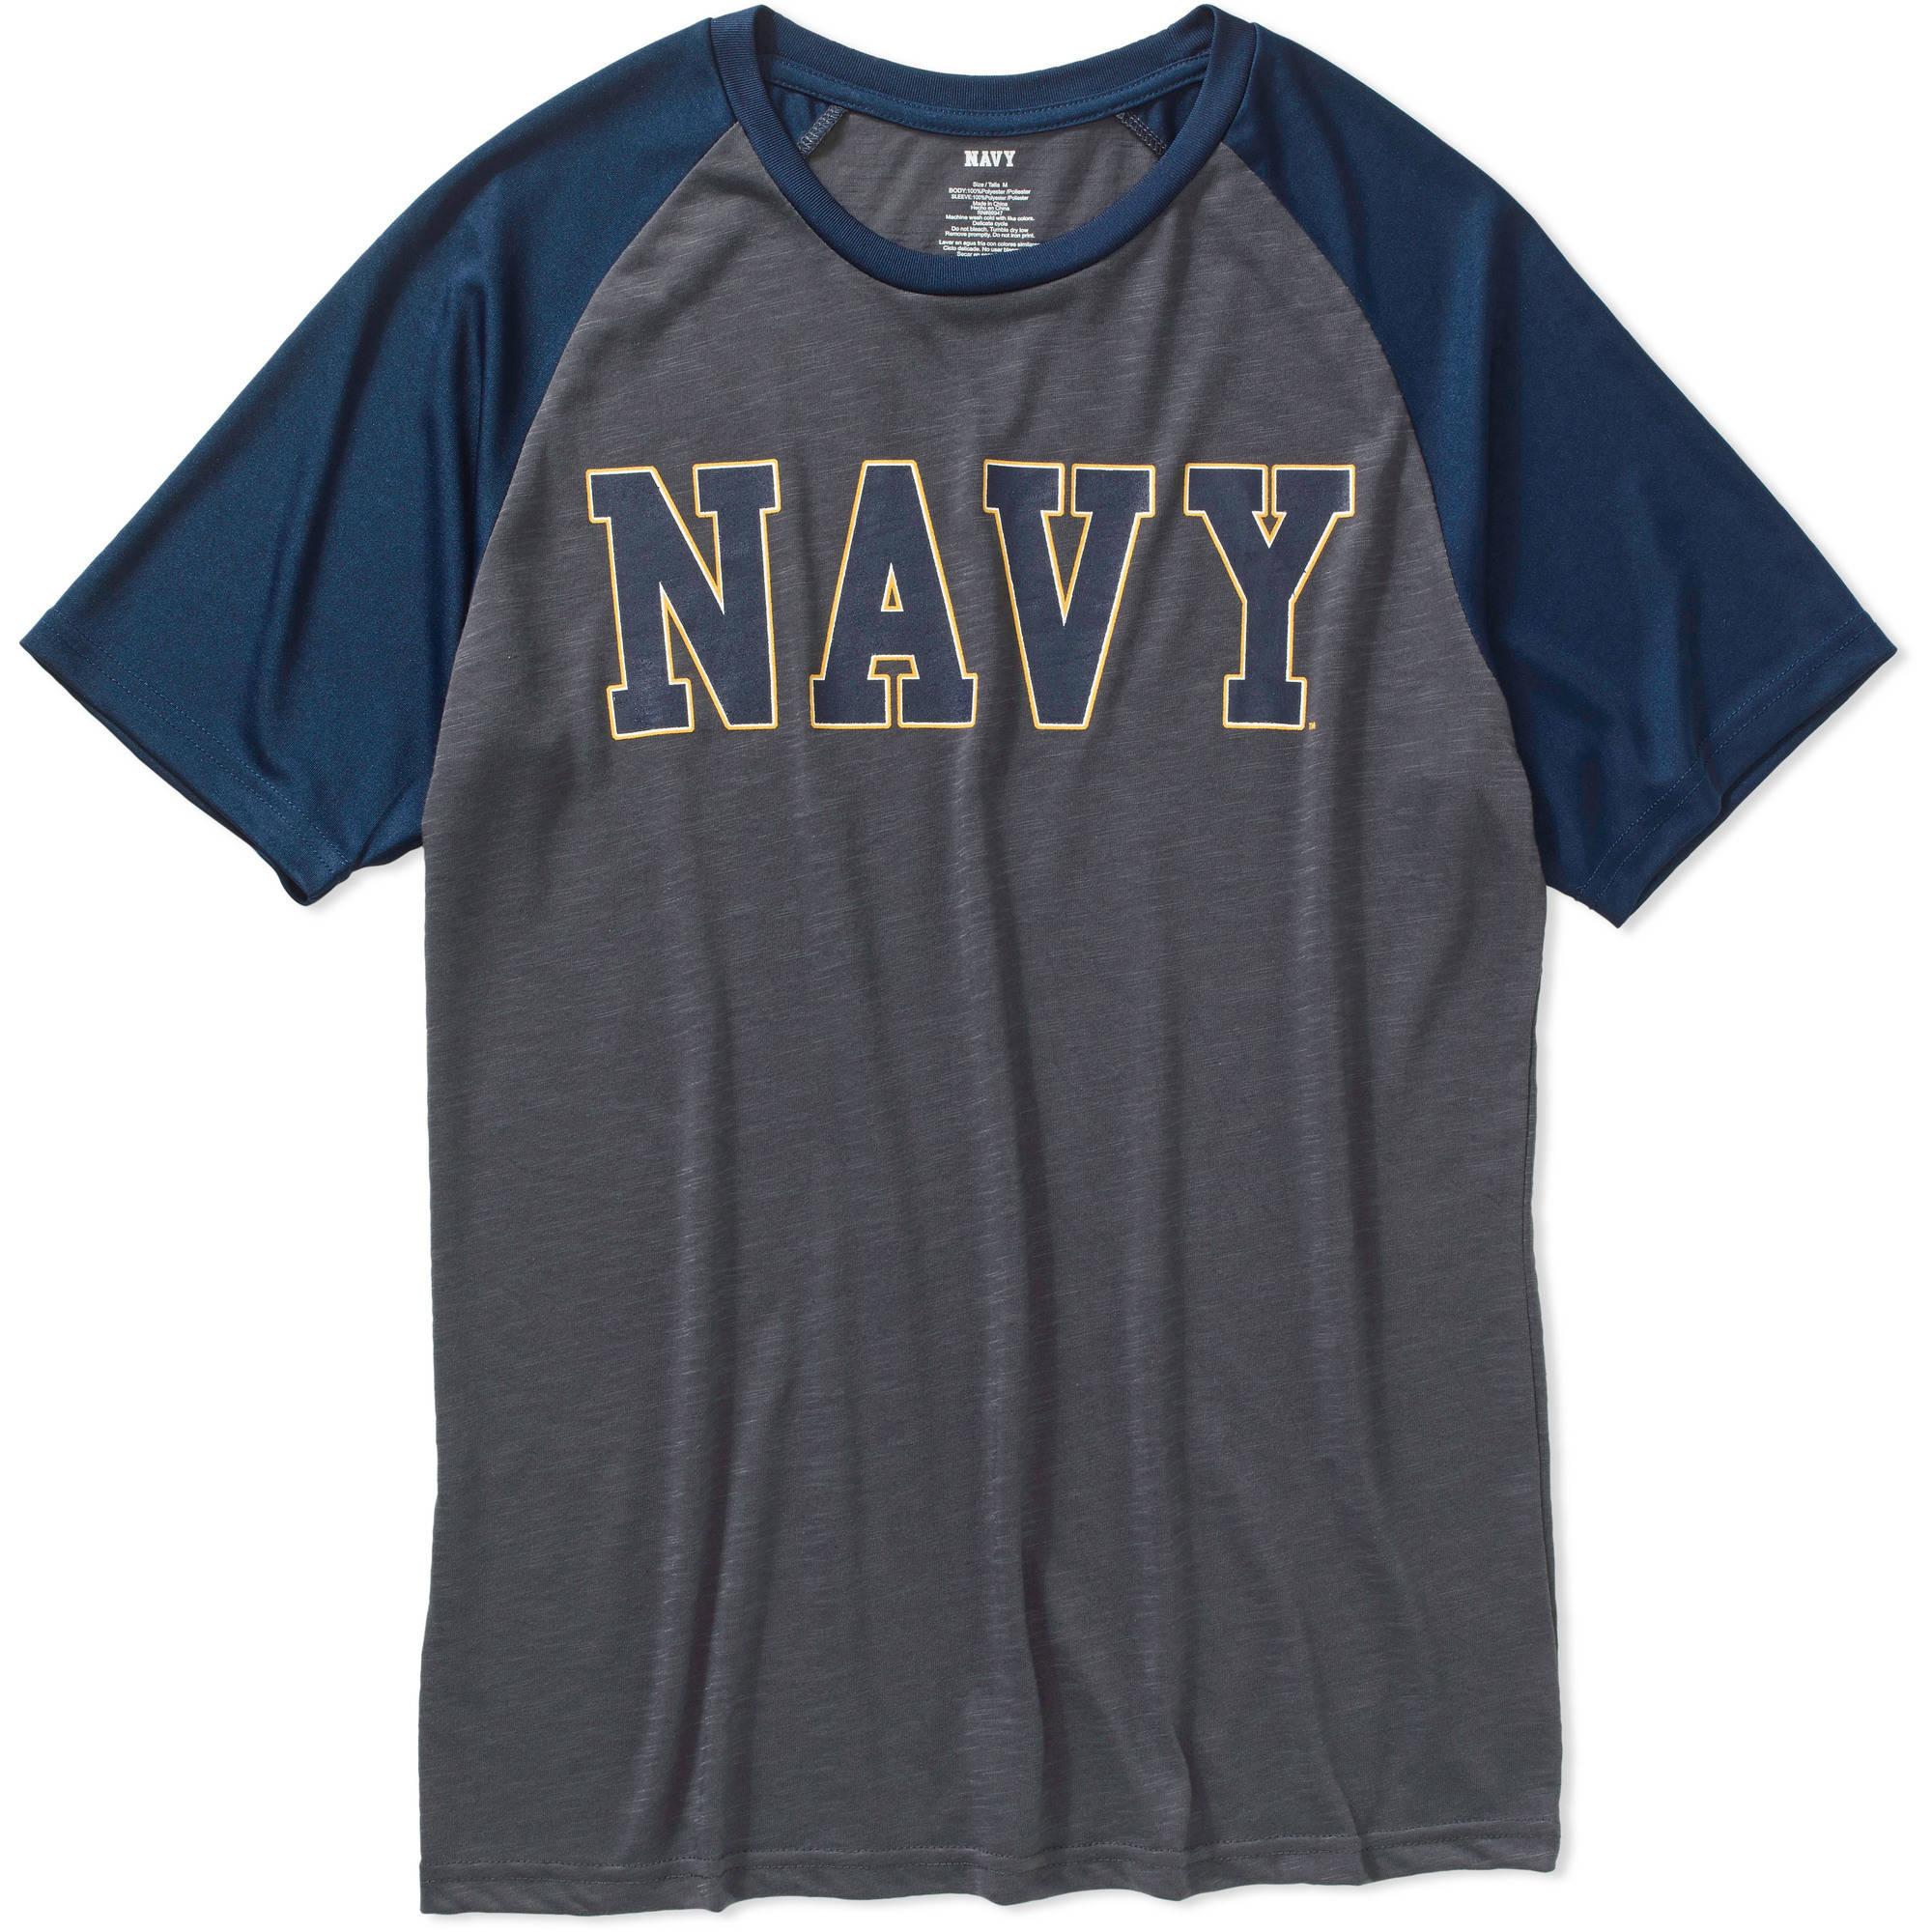 US Navy Slub fashion tee Shirt